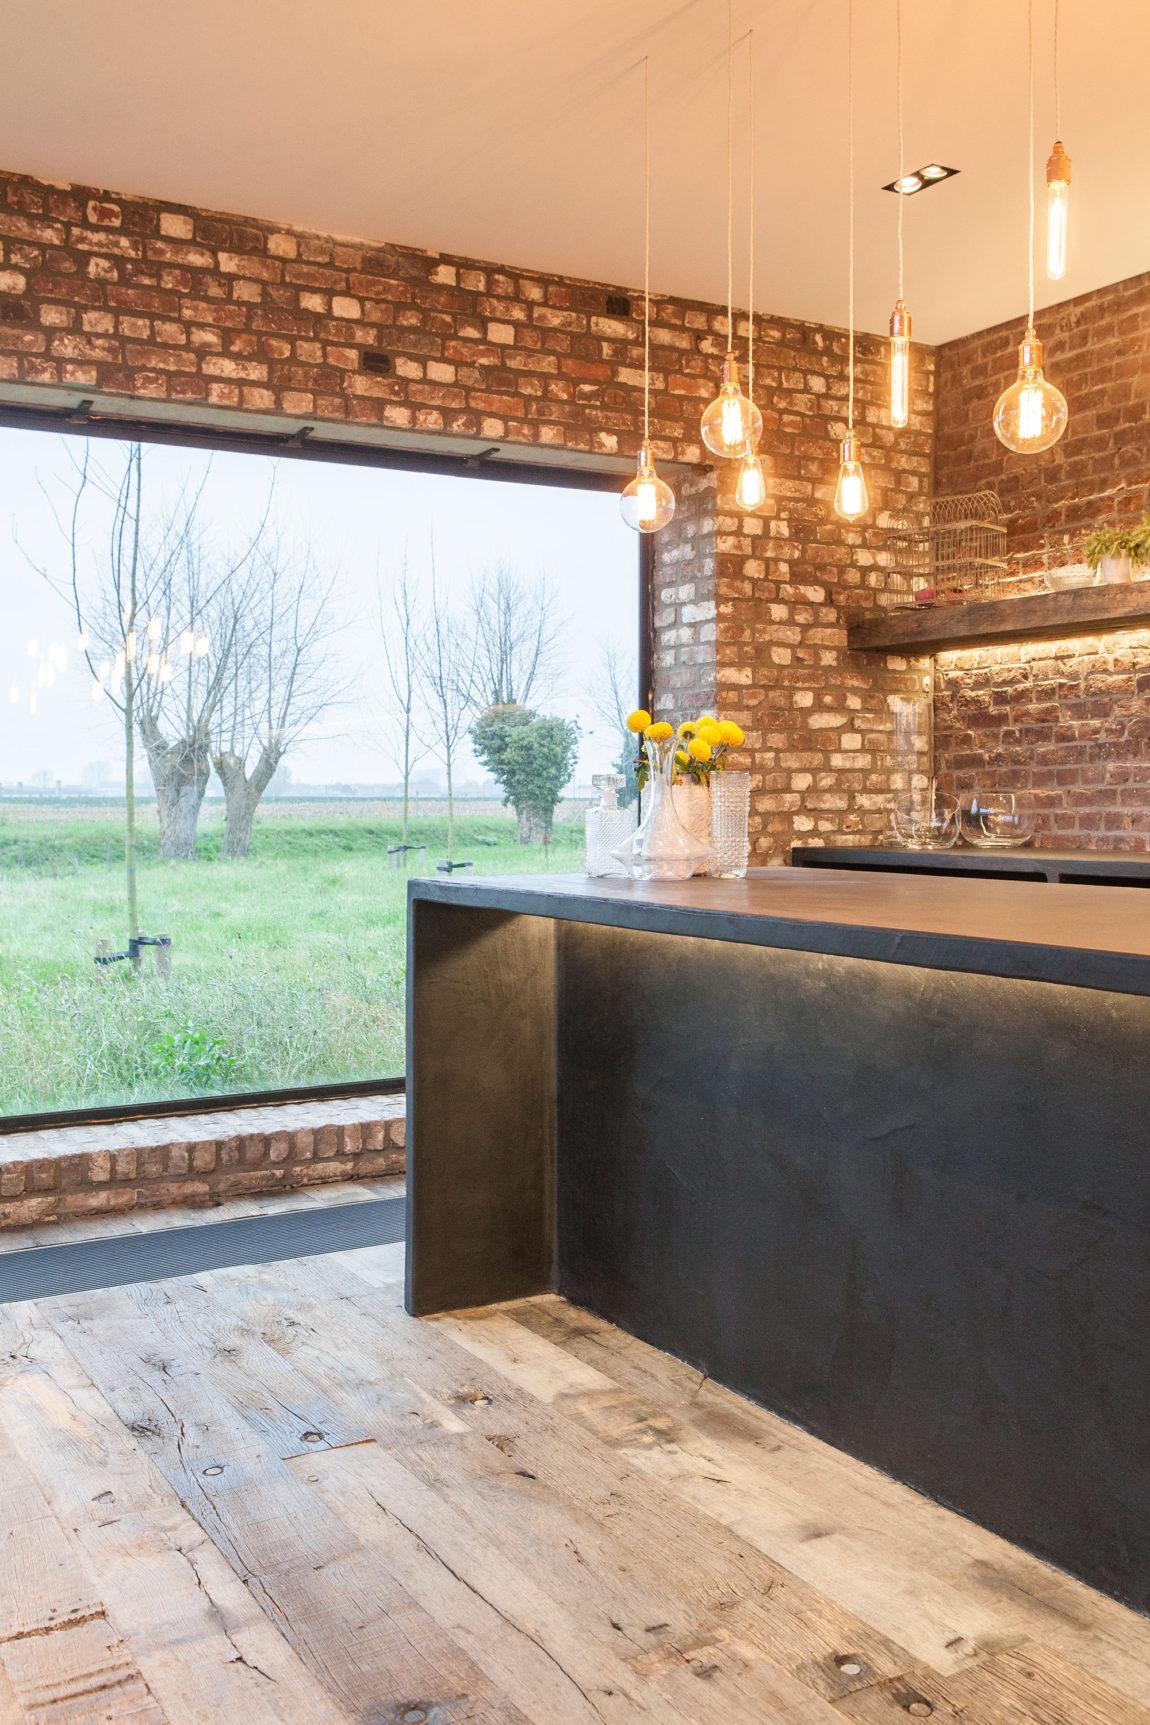 Interieur schuur LM keuken IMG 1423